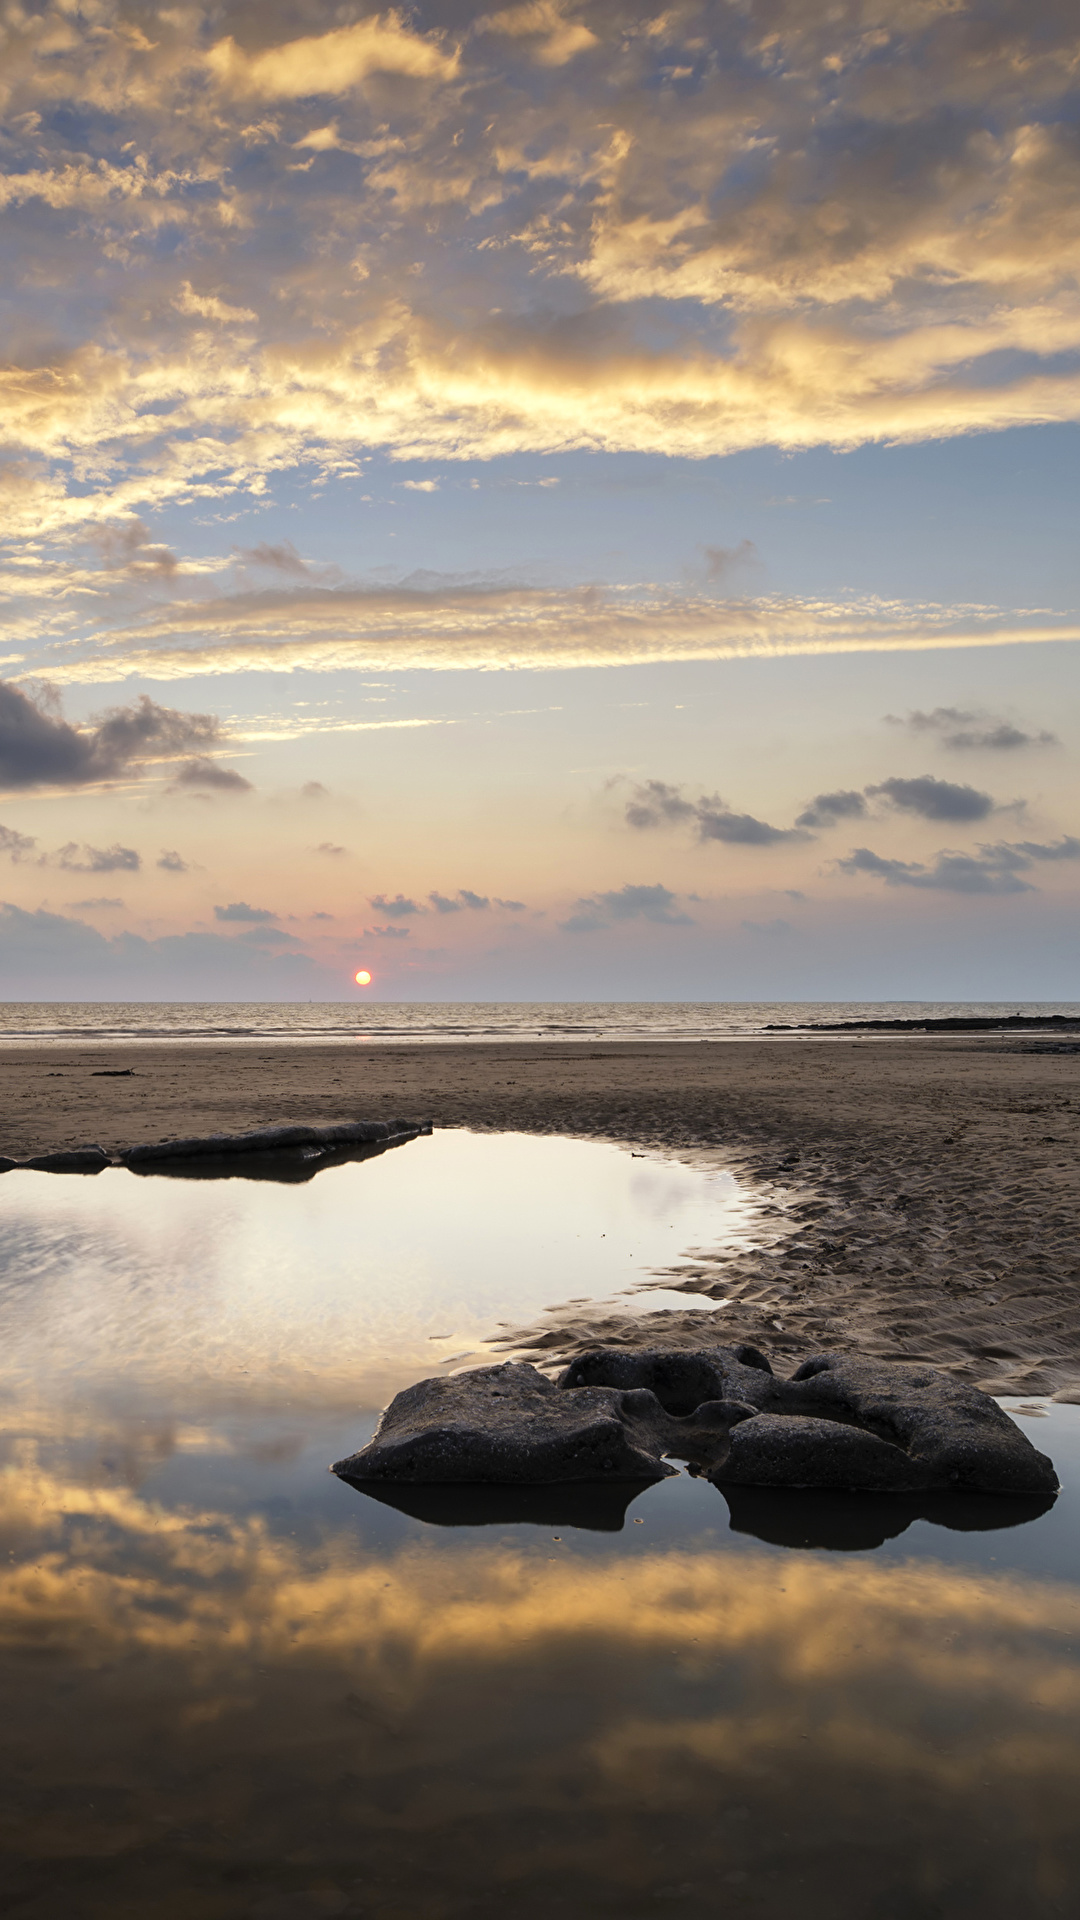 Bilder Natur Vereinigtes Königreich Dunraven Bay Strände Wales Himmel Landschaftsfotografie Sonnenaufgänge und Sonnenuntergänge Stein Küste Wasser Wolke 1080x1920 für Handy Strand Morgendämmerung und Sonnenuntergang Steine